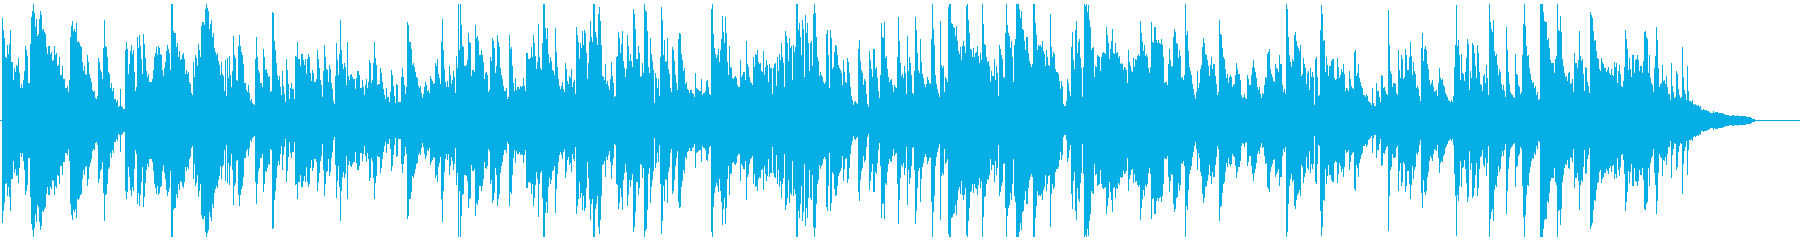 妖しい音色のサスペンス系サックスバラードの再生済みの波形